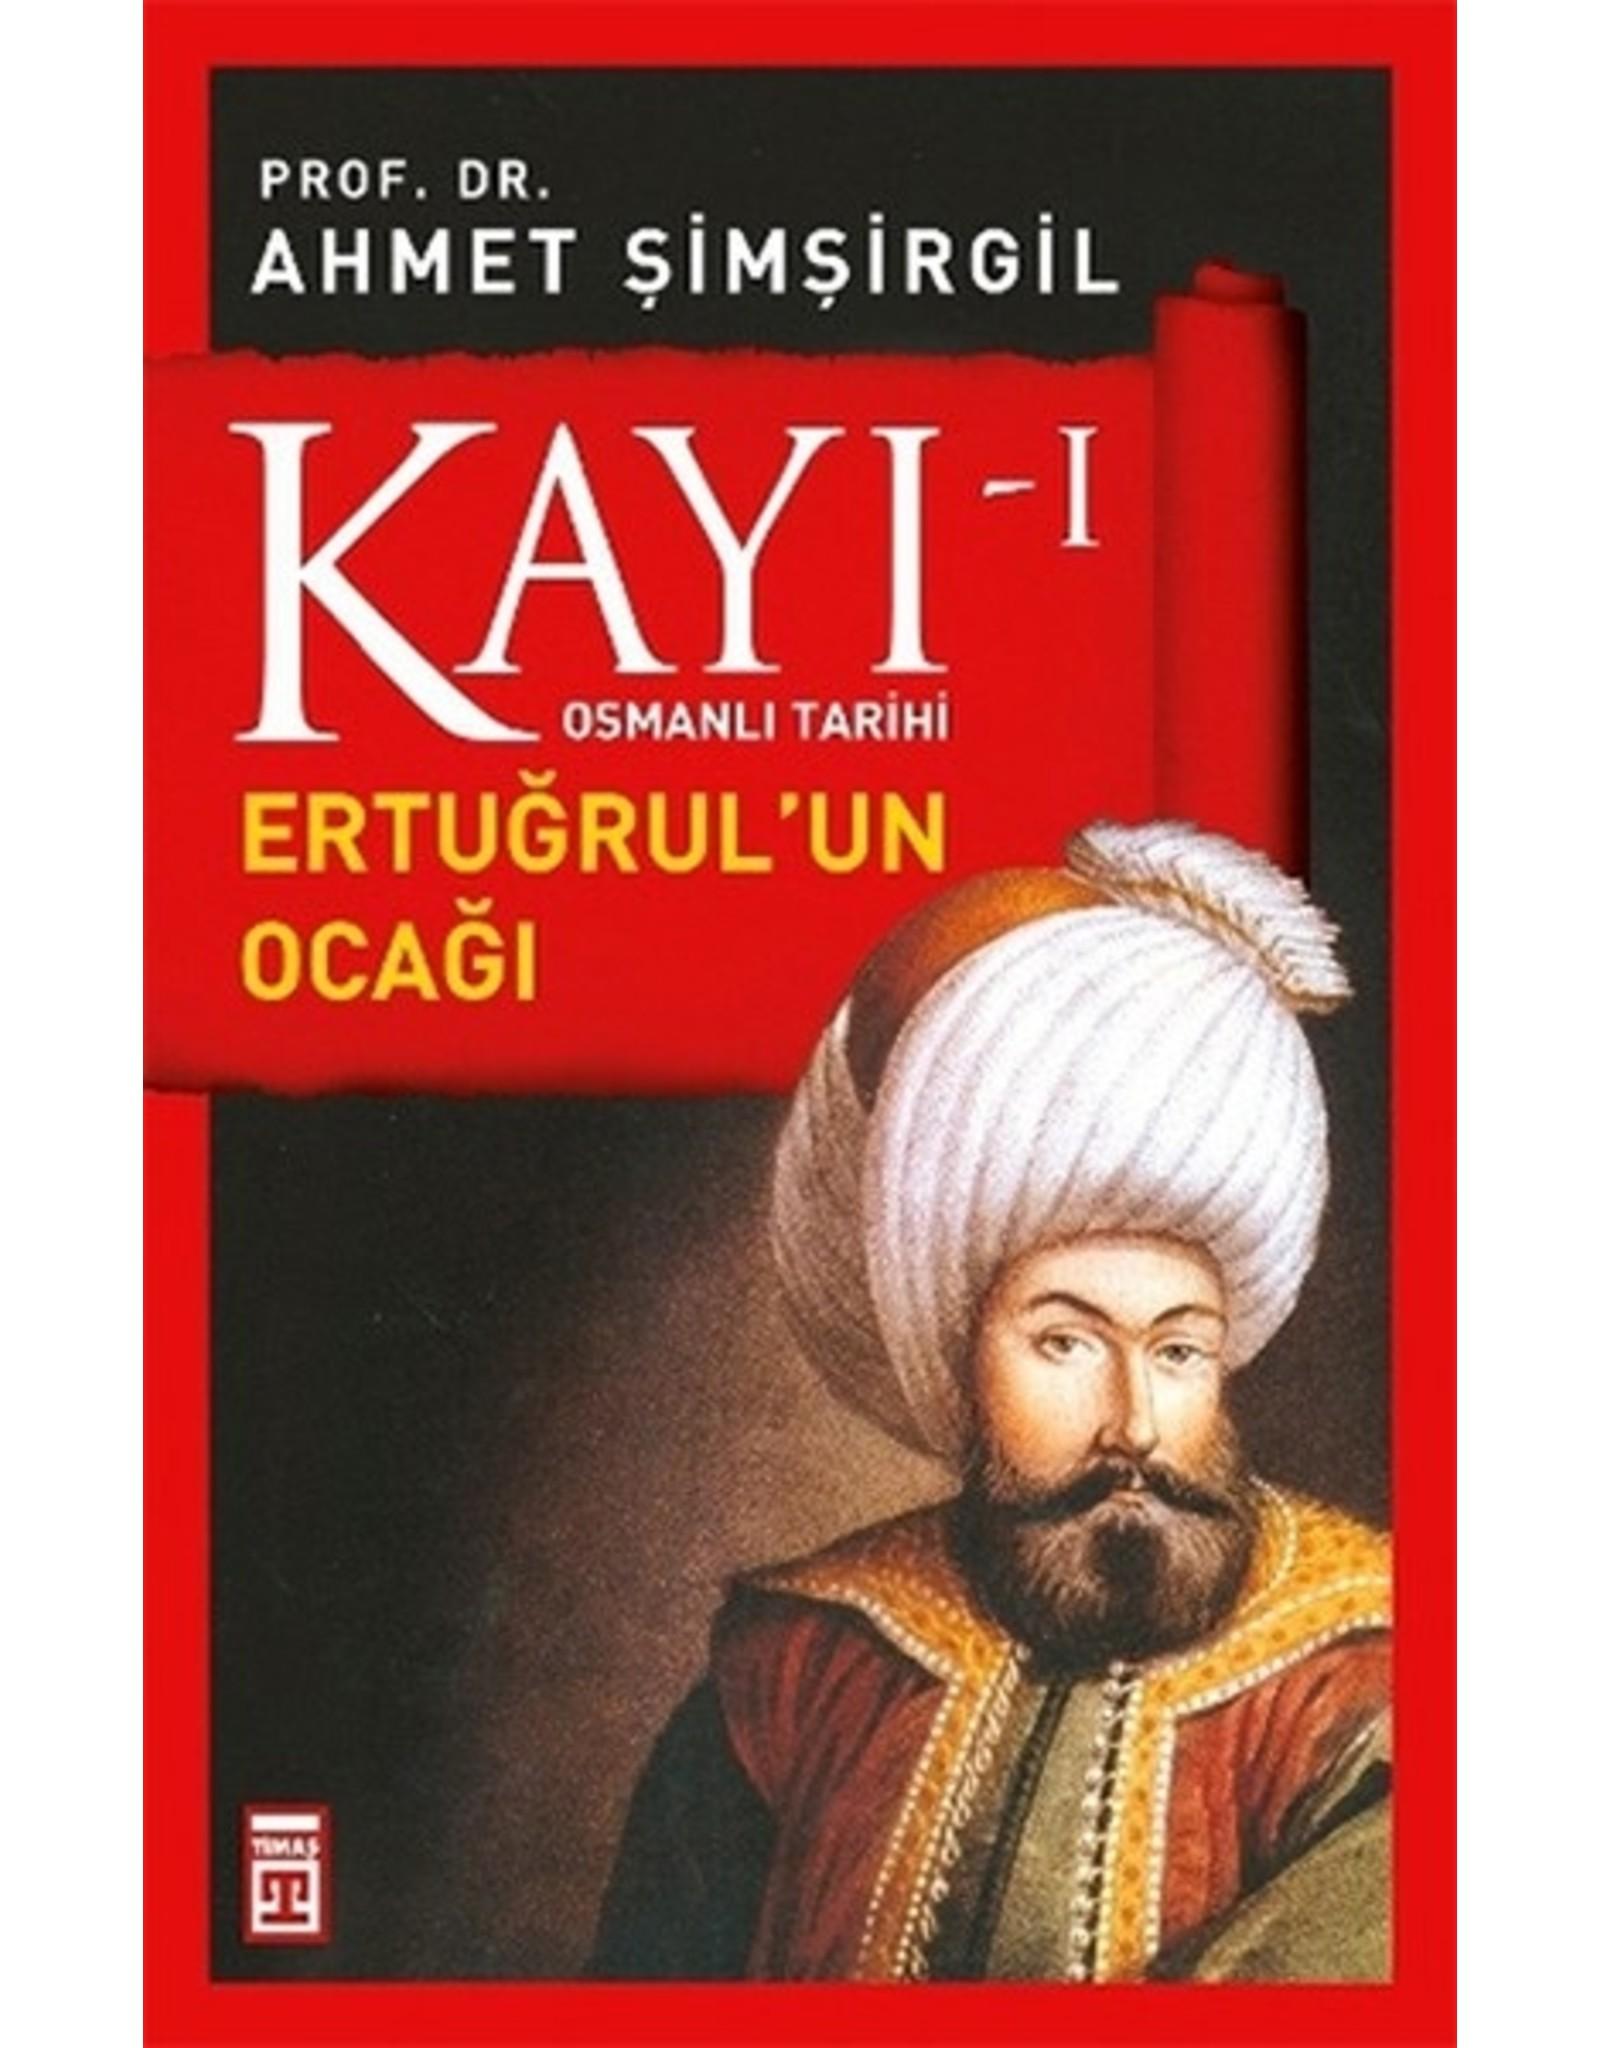 Ahmet Şimşirgil Kayı 1 - Osmanlı Tarihi / Ertuğrul'un Ocağı